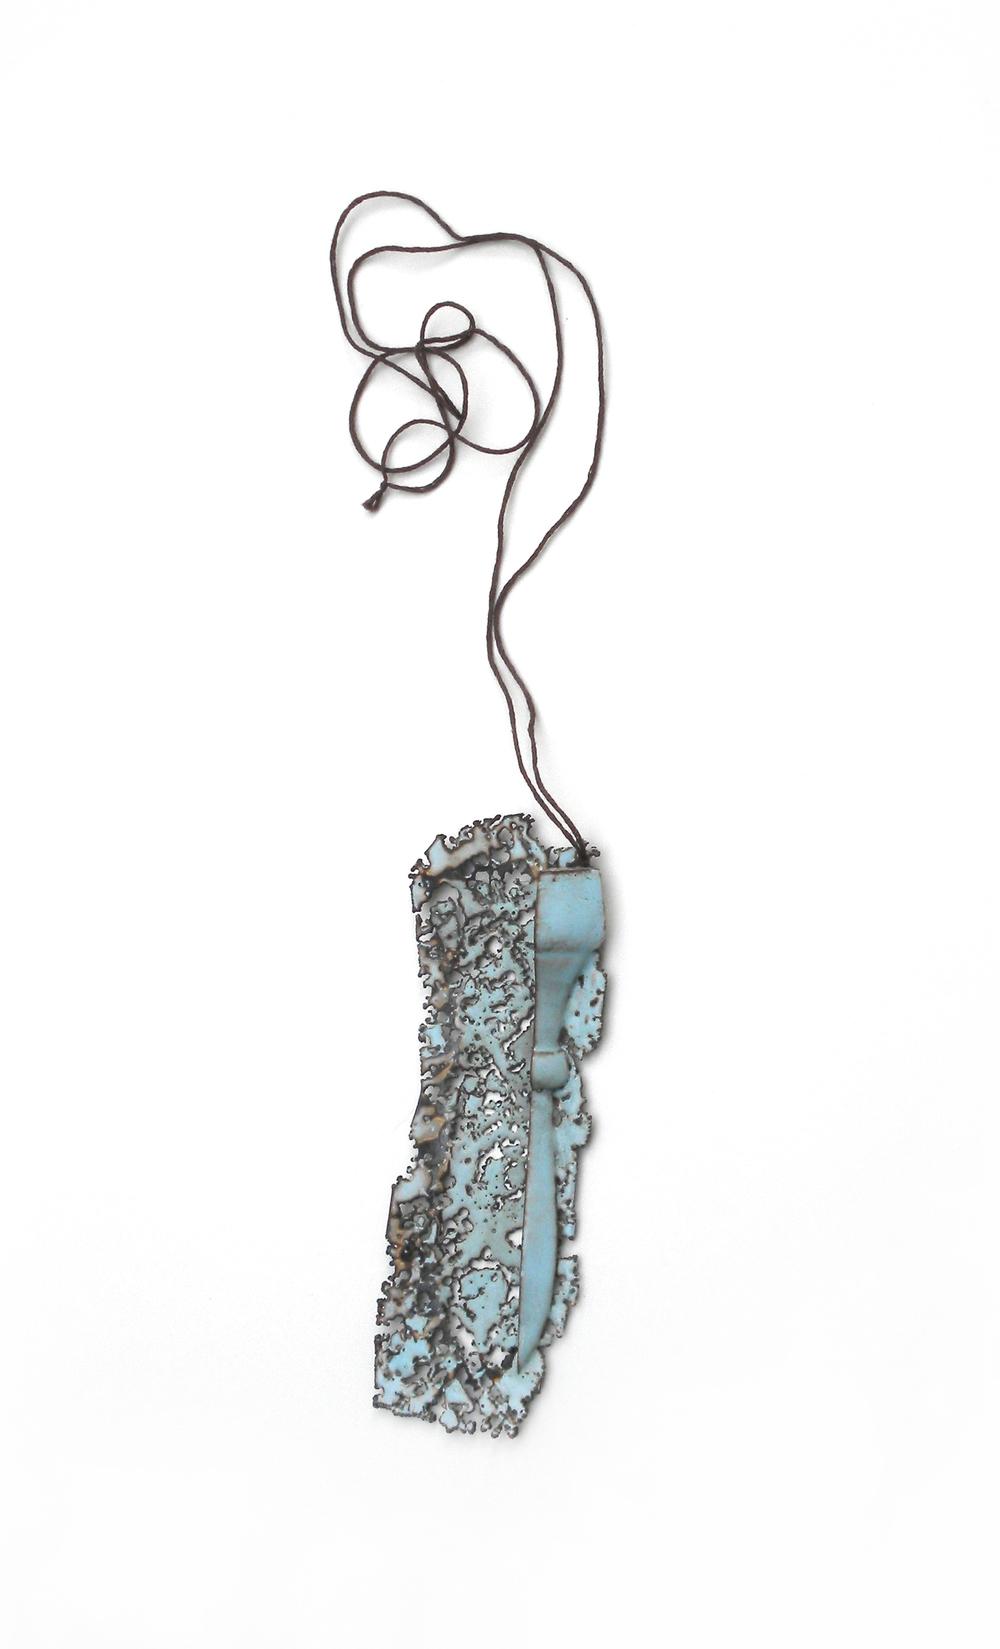 copper, enamel, thread  2013